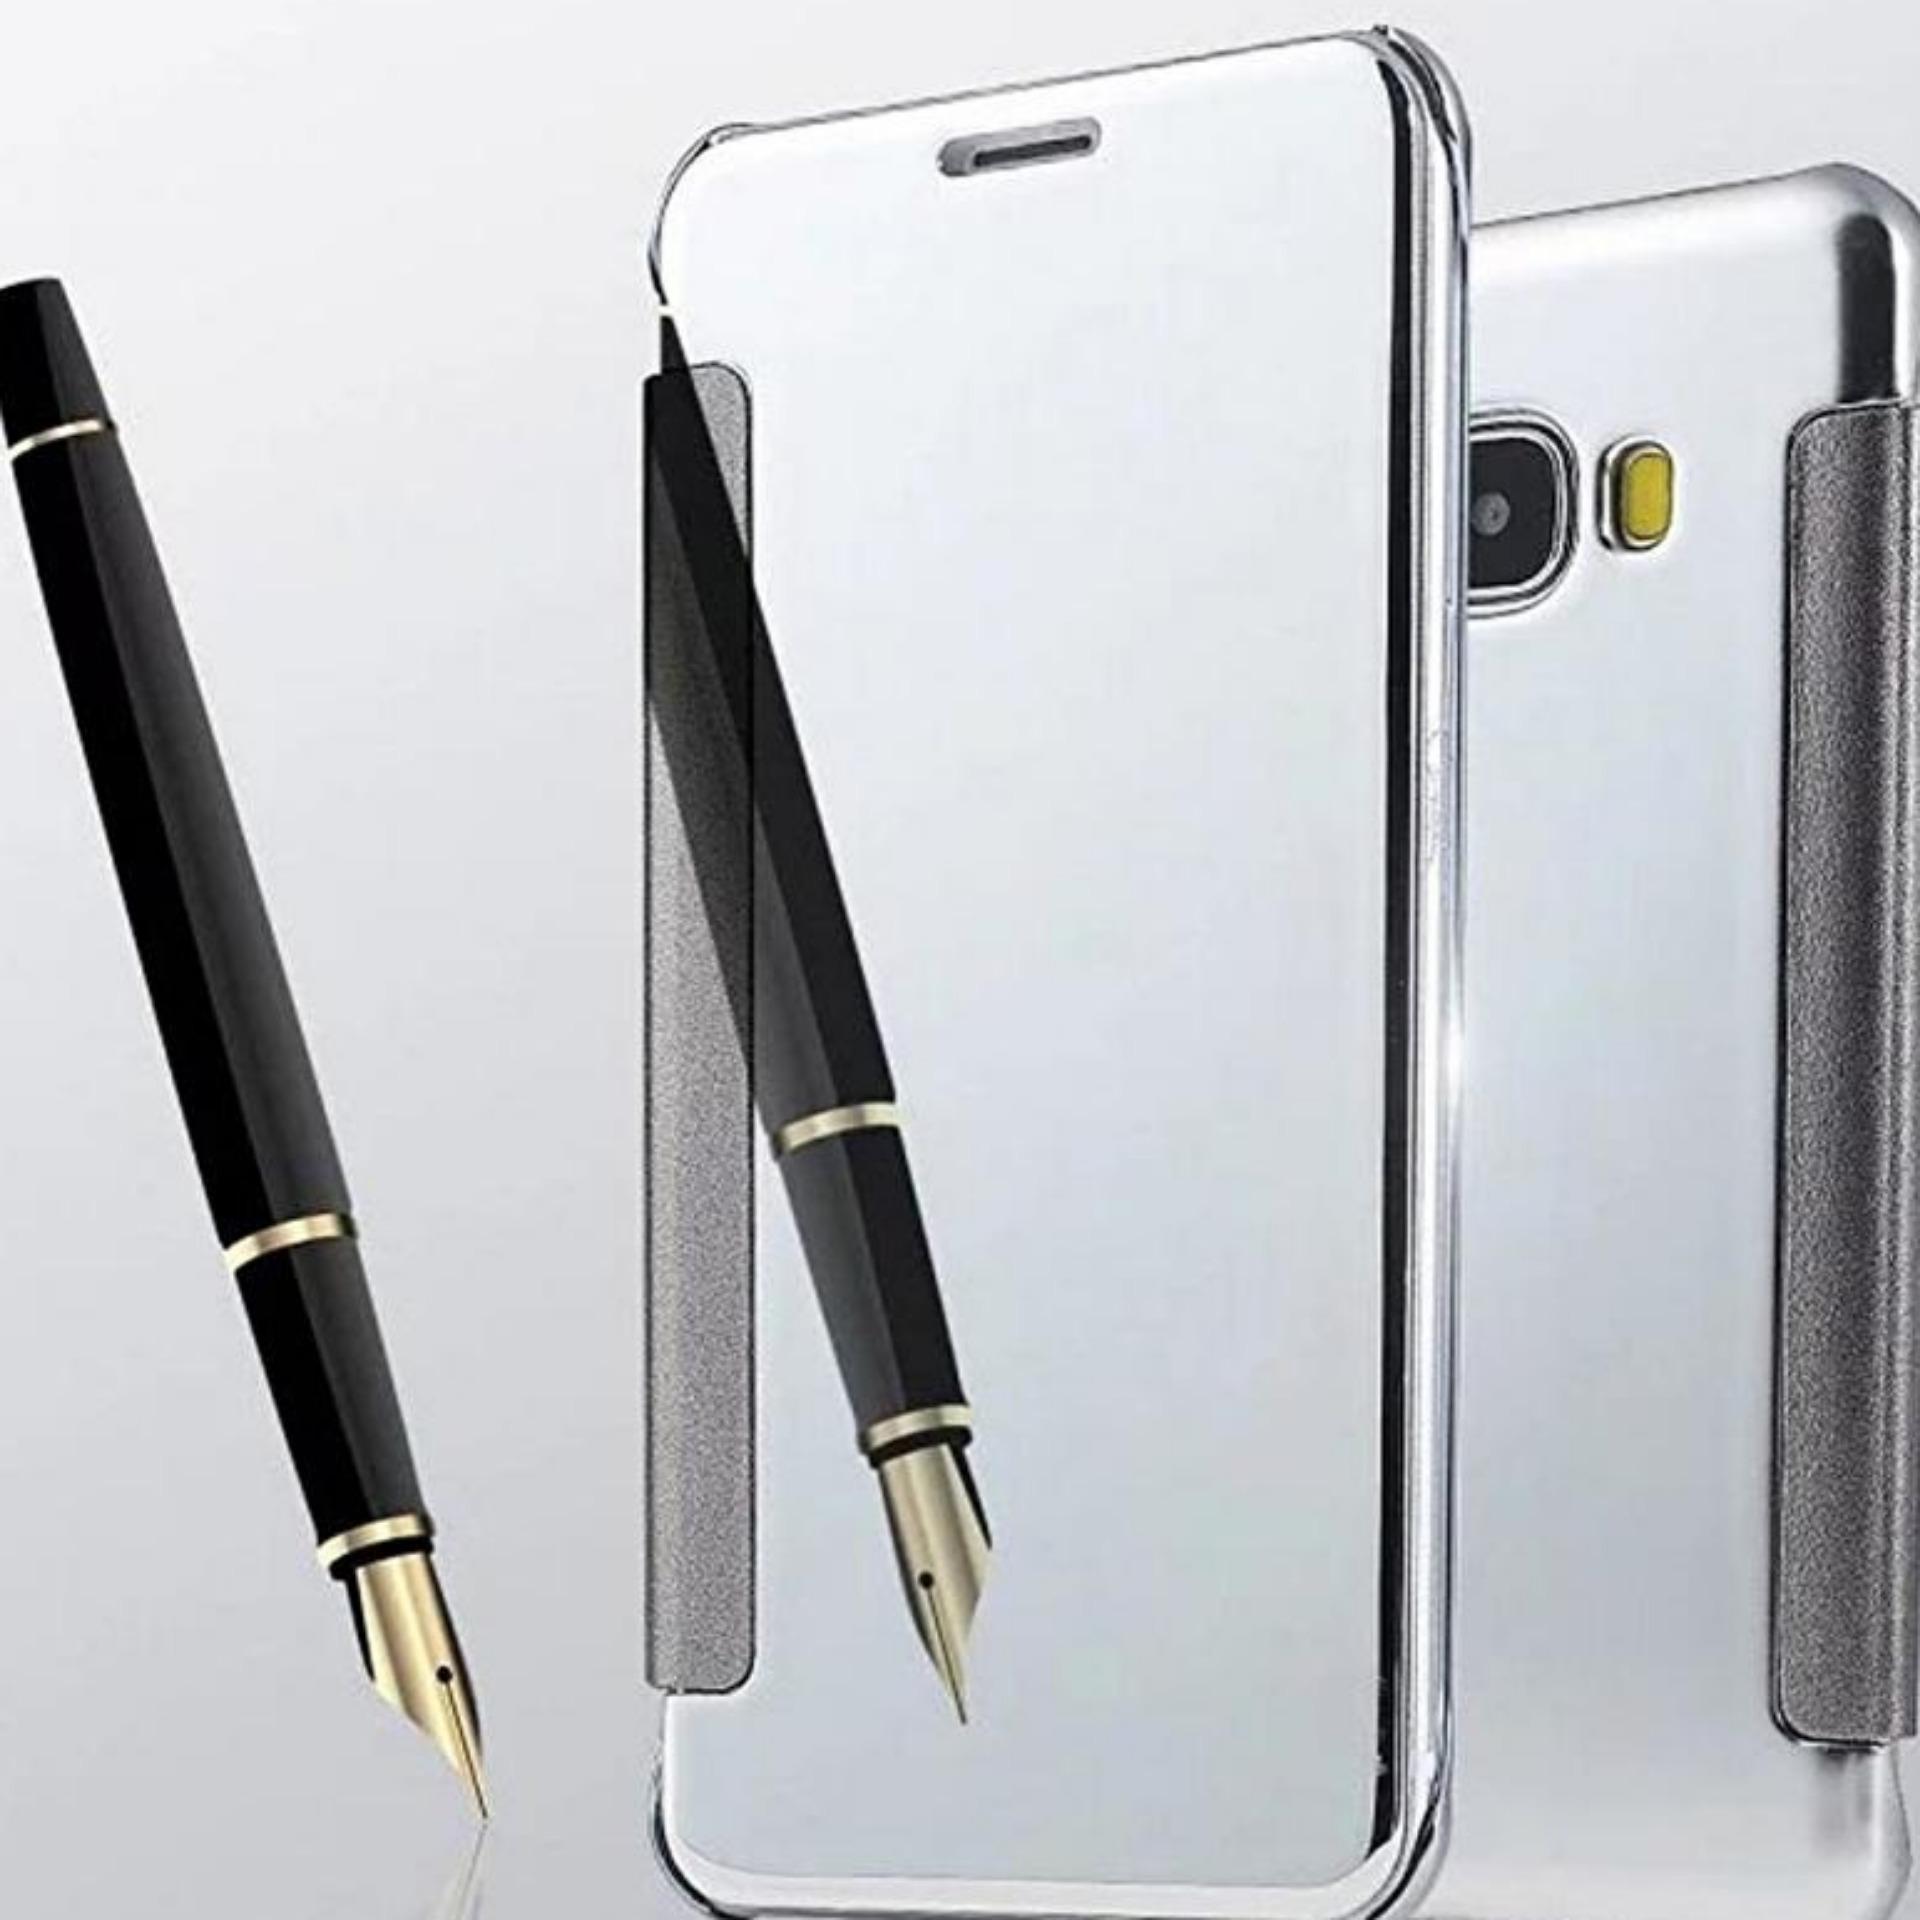 Executive Chanel Case Samsung Galaxy J7 Prime Flipcase Flip MirrorCover S View Transparan .